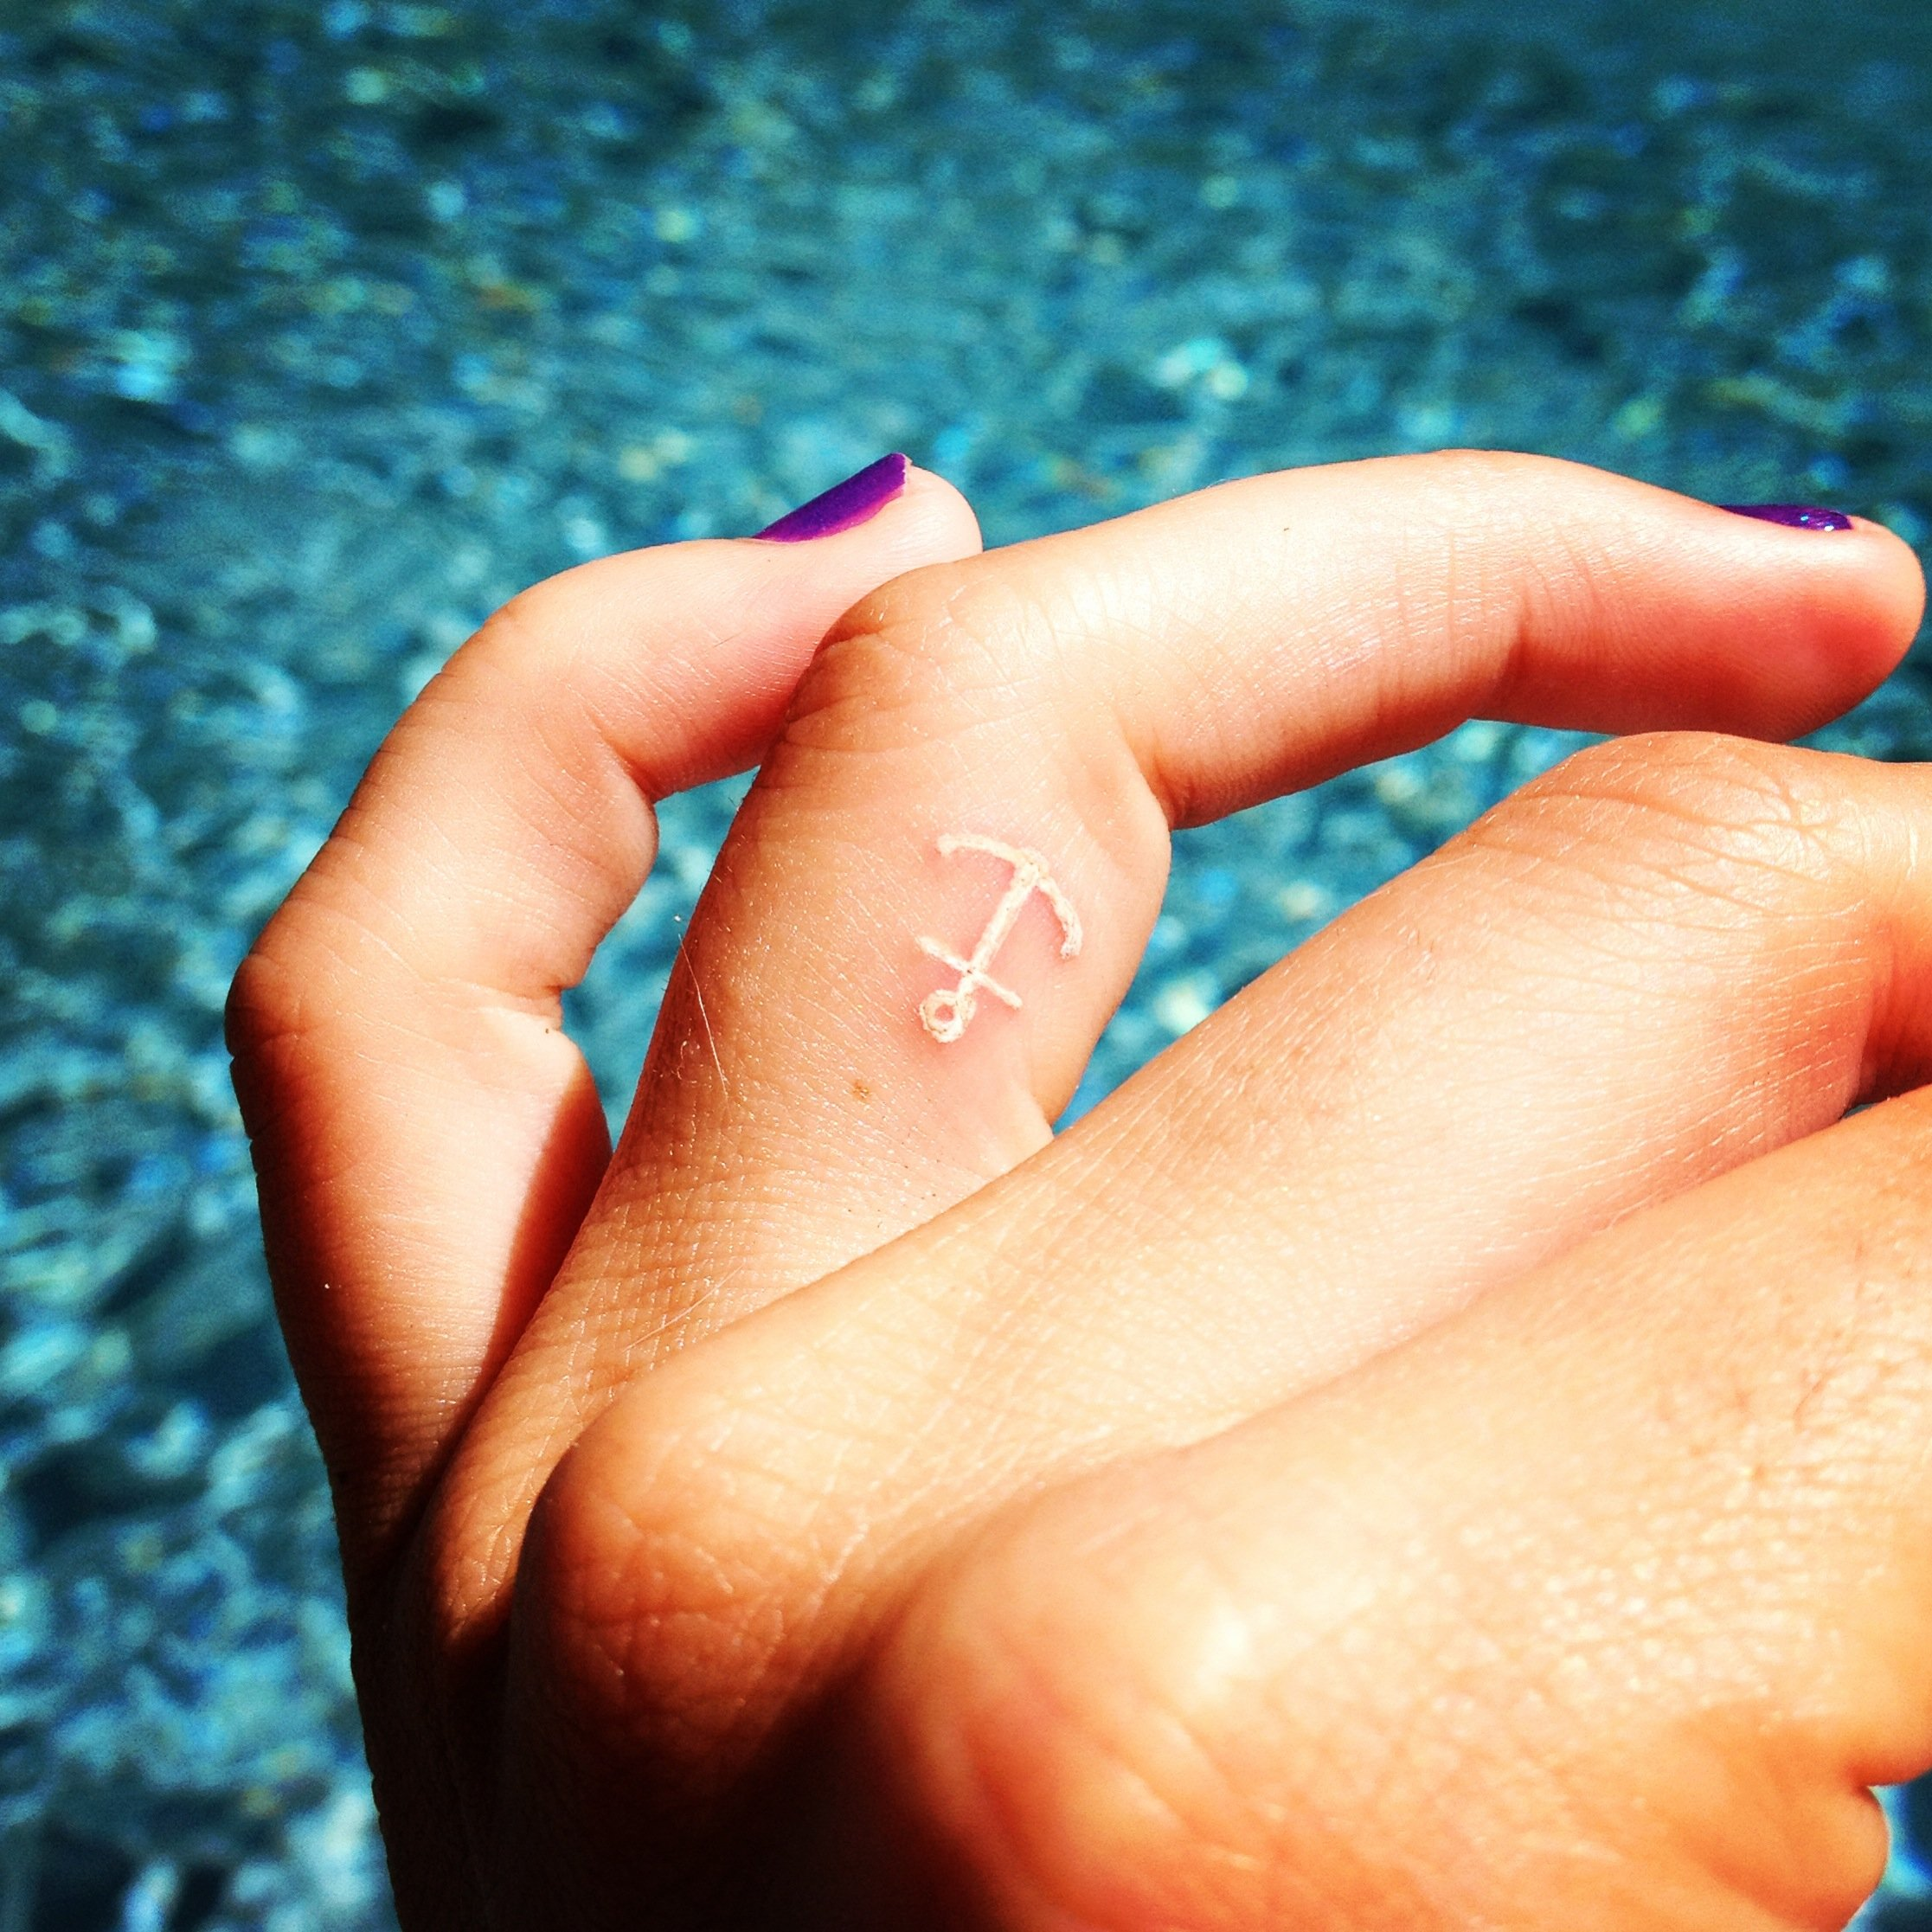 Tatuaje creado con tinta blanca en forma de ancla puesto sobre el dedo medio